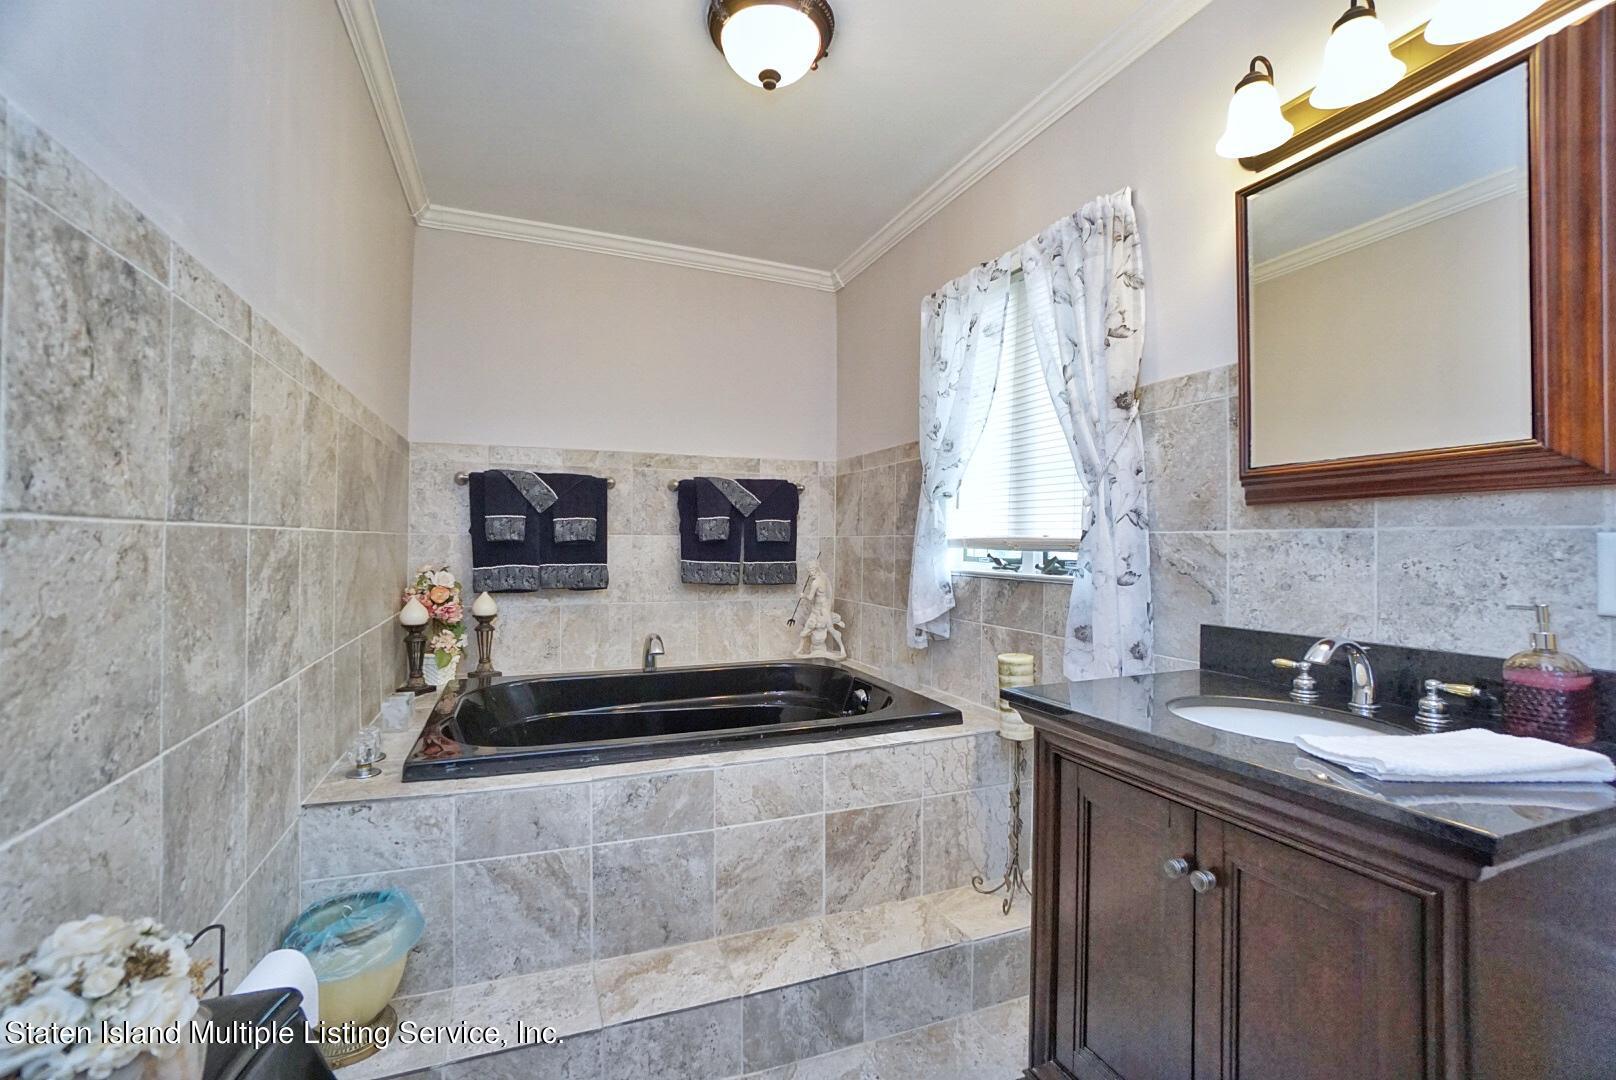 Single Family - Detached 226 Roma Avenue  Staten Island, NY 10306, MLS-1148579-41